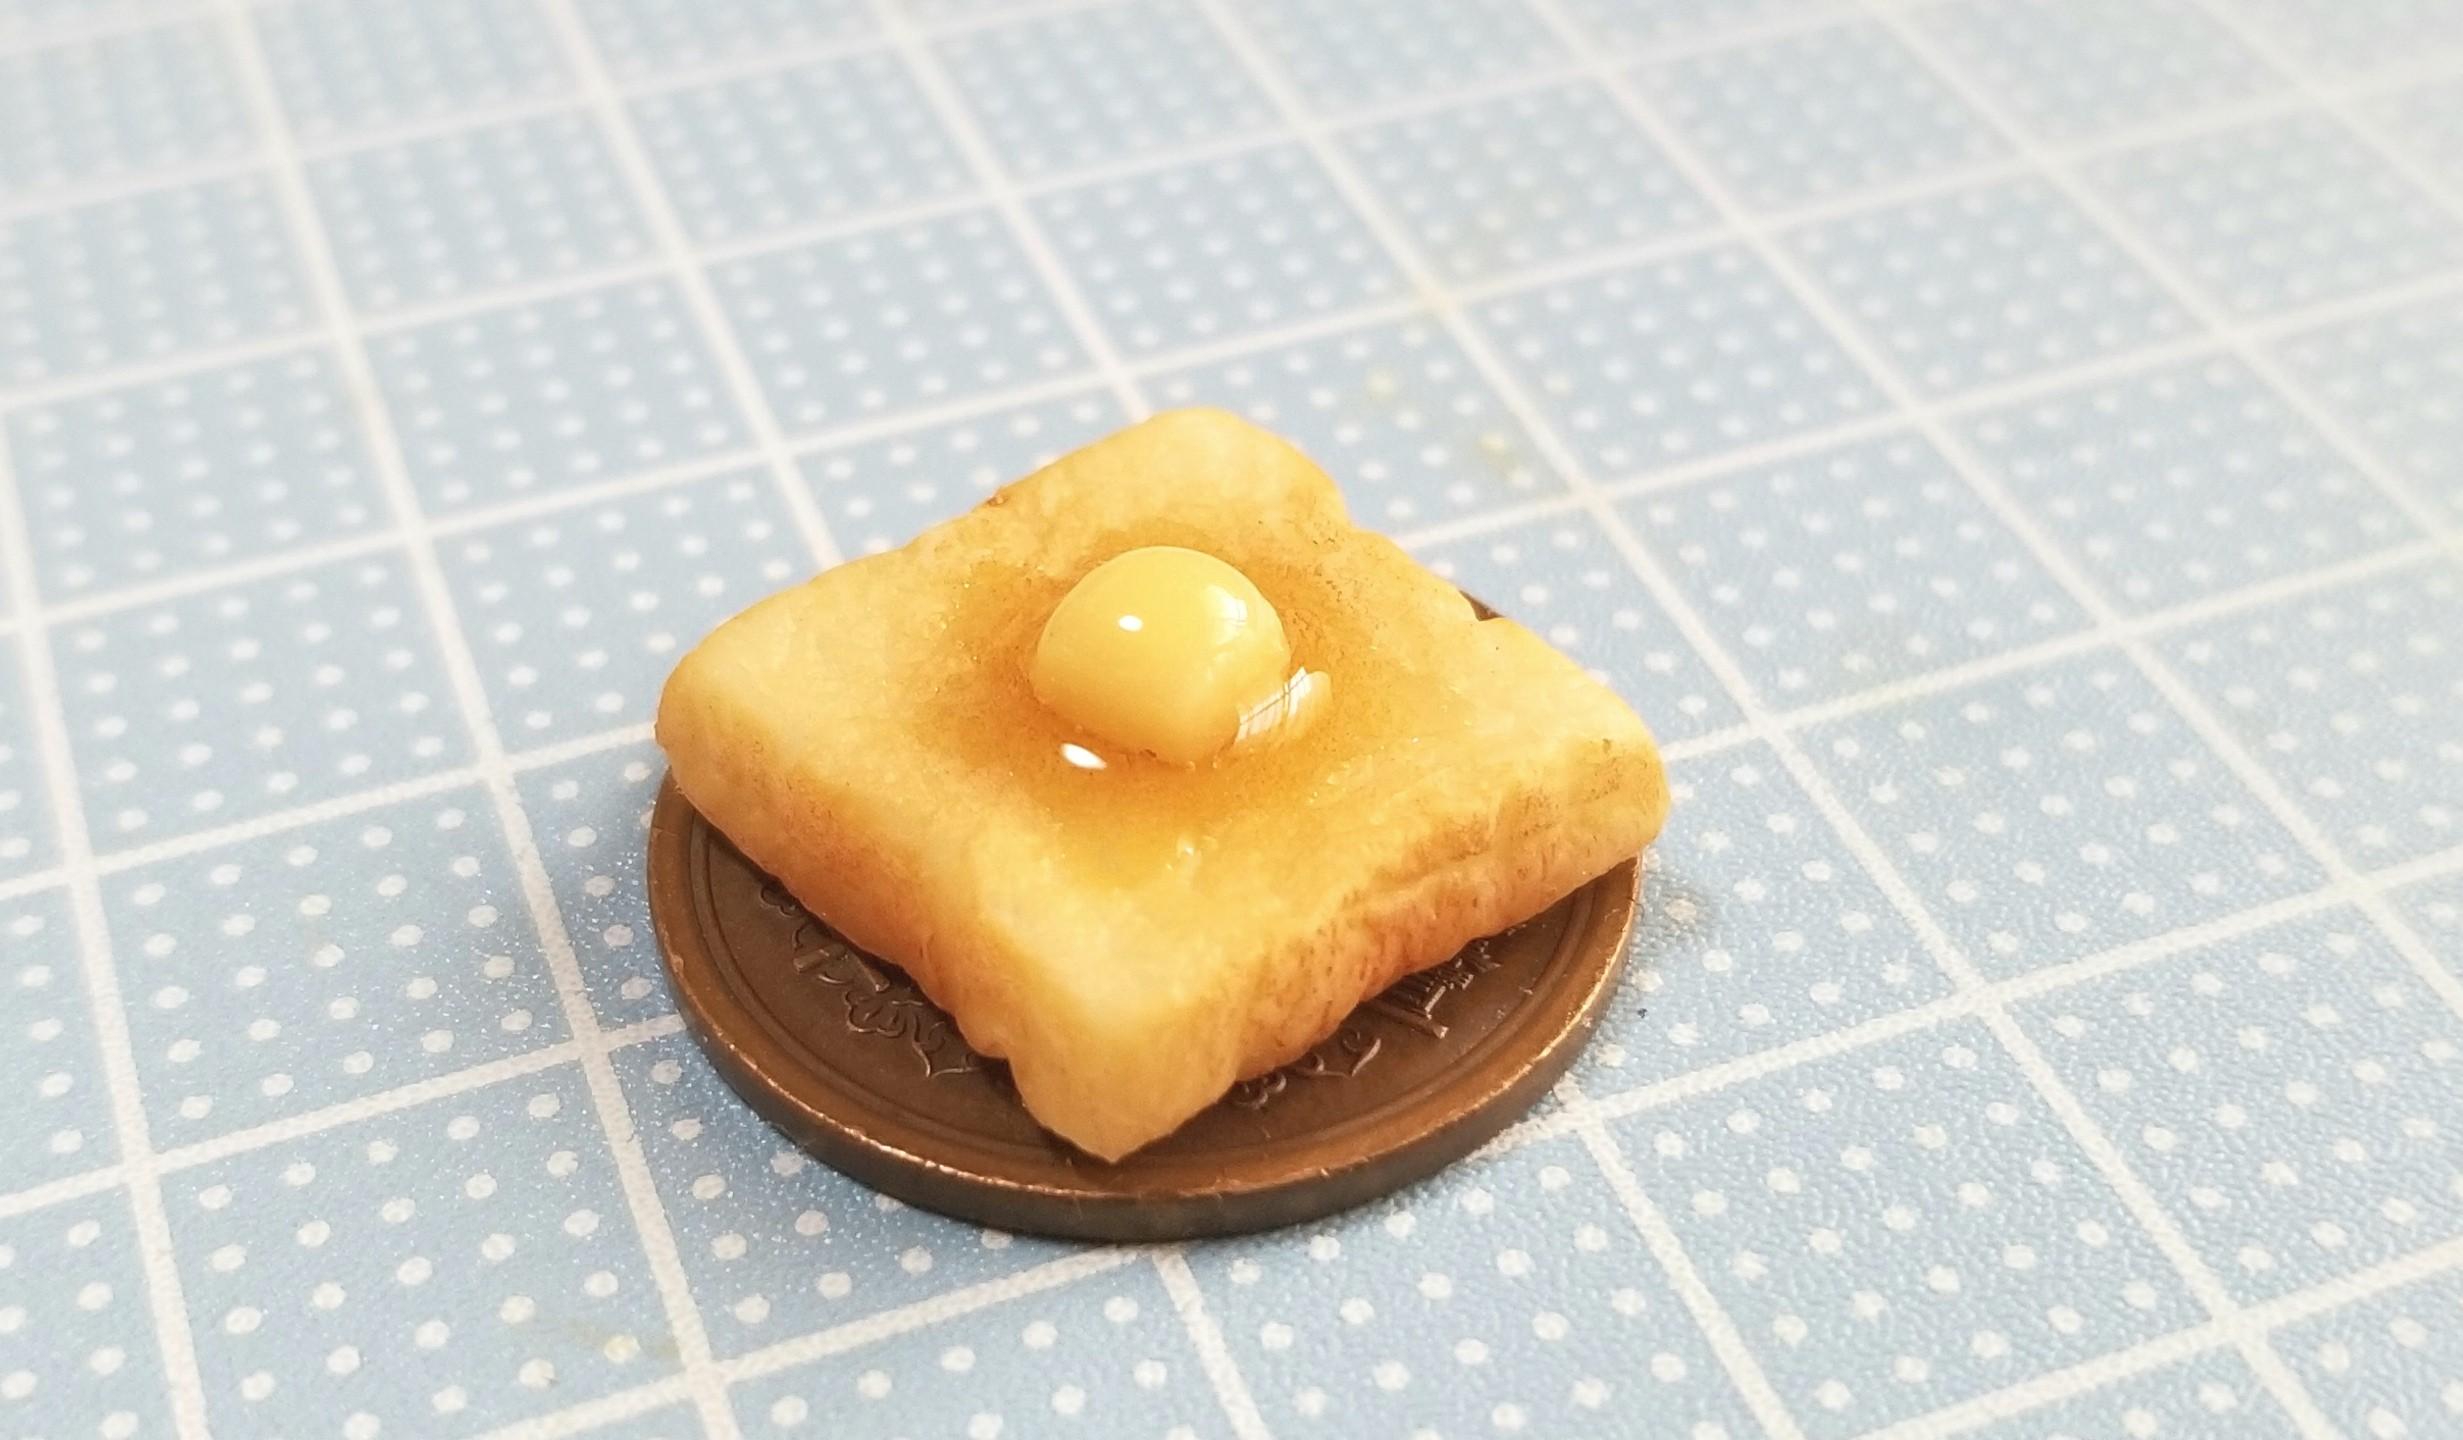 バタートースト,ミニチュア,食パン,樹脂粘土,ミニスウィーツドール